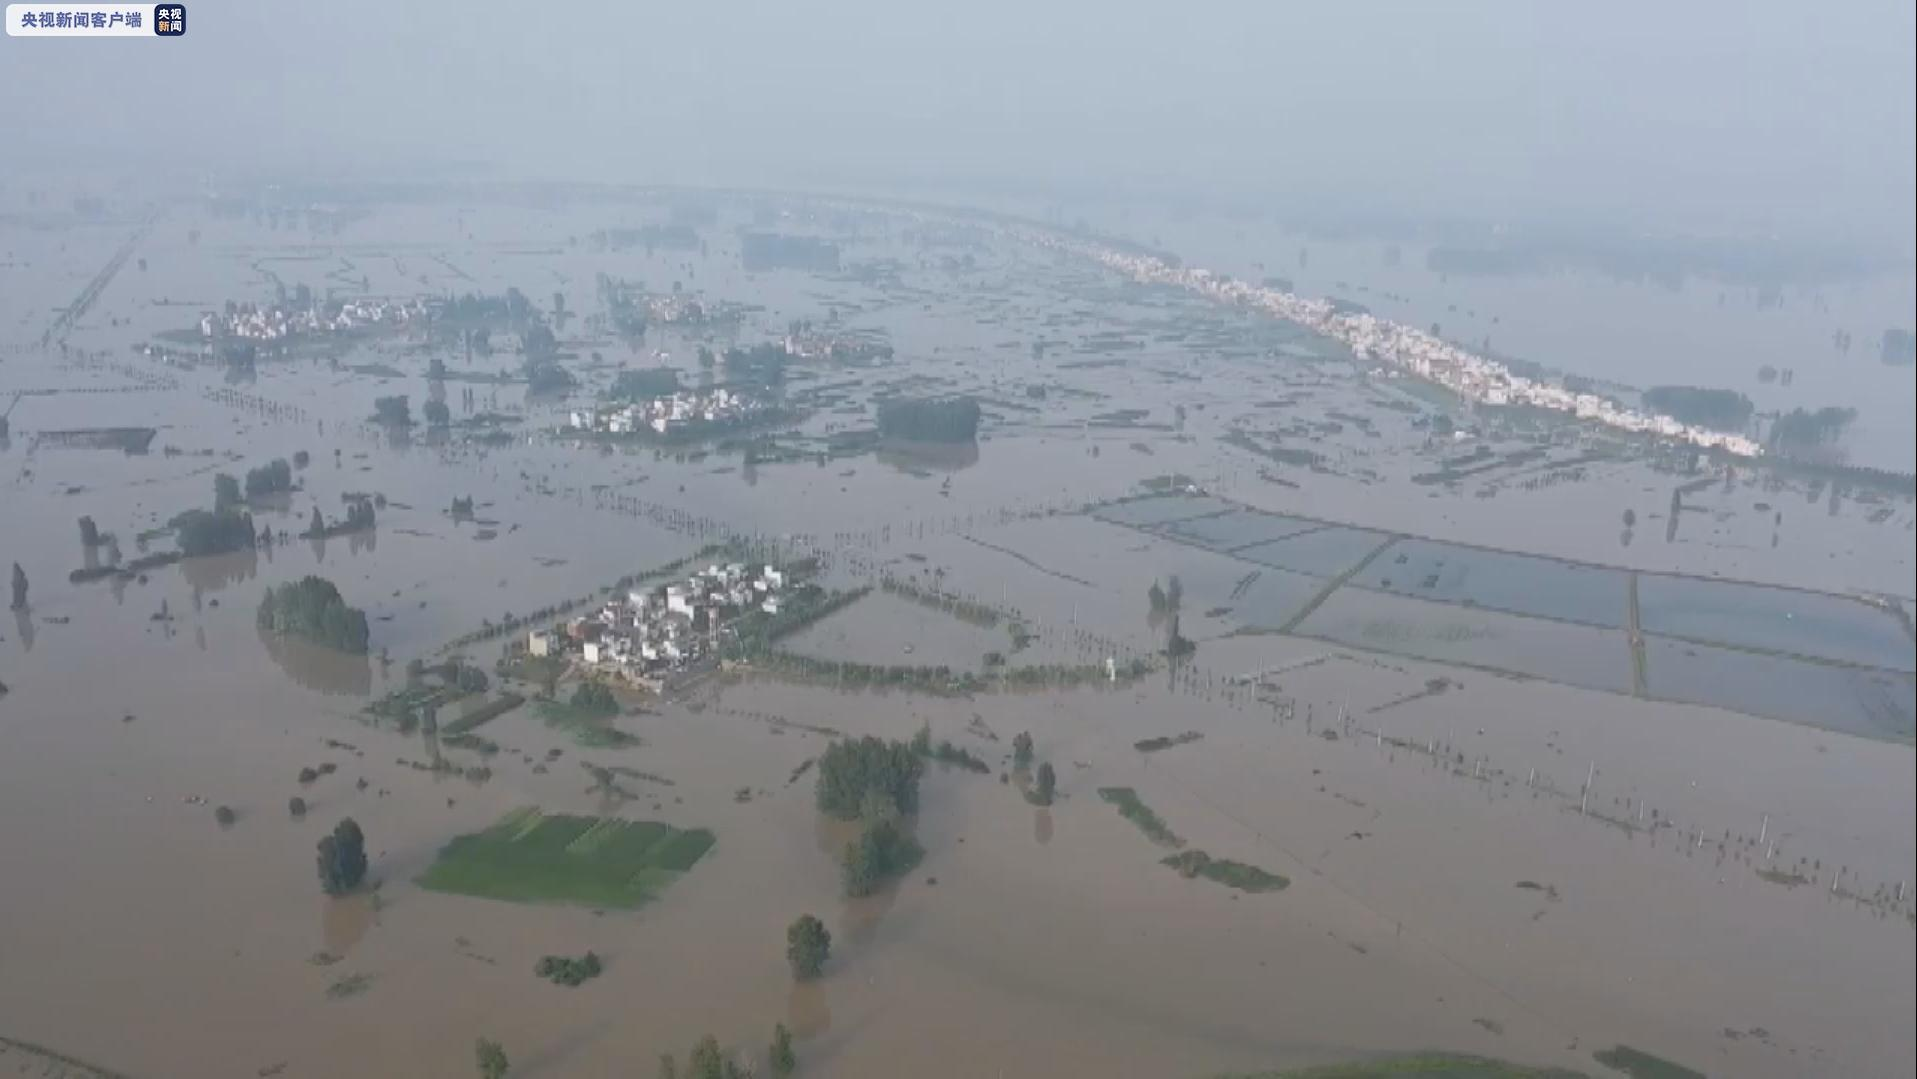 安徽强降雨已致近千万人受灾 超130万人紧急转移图片